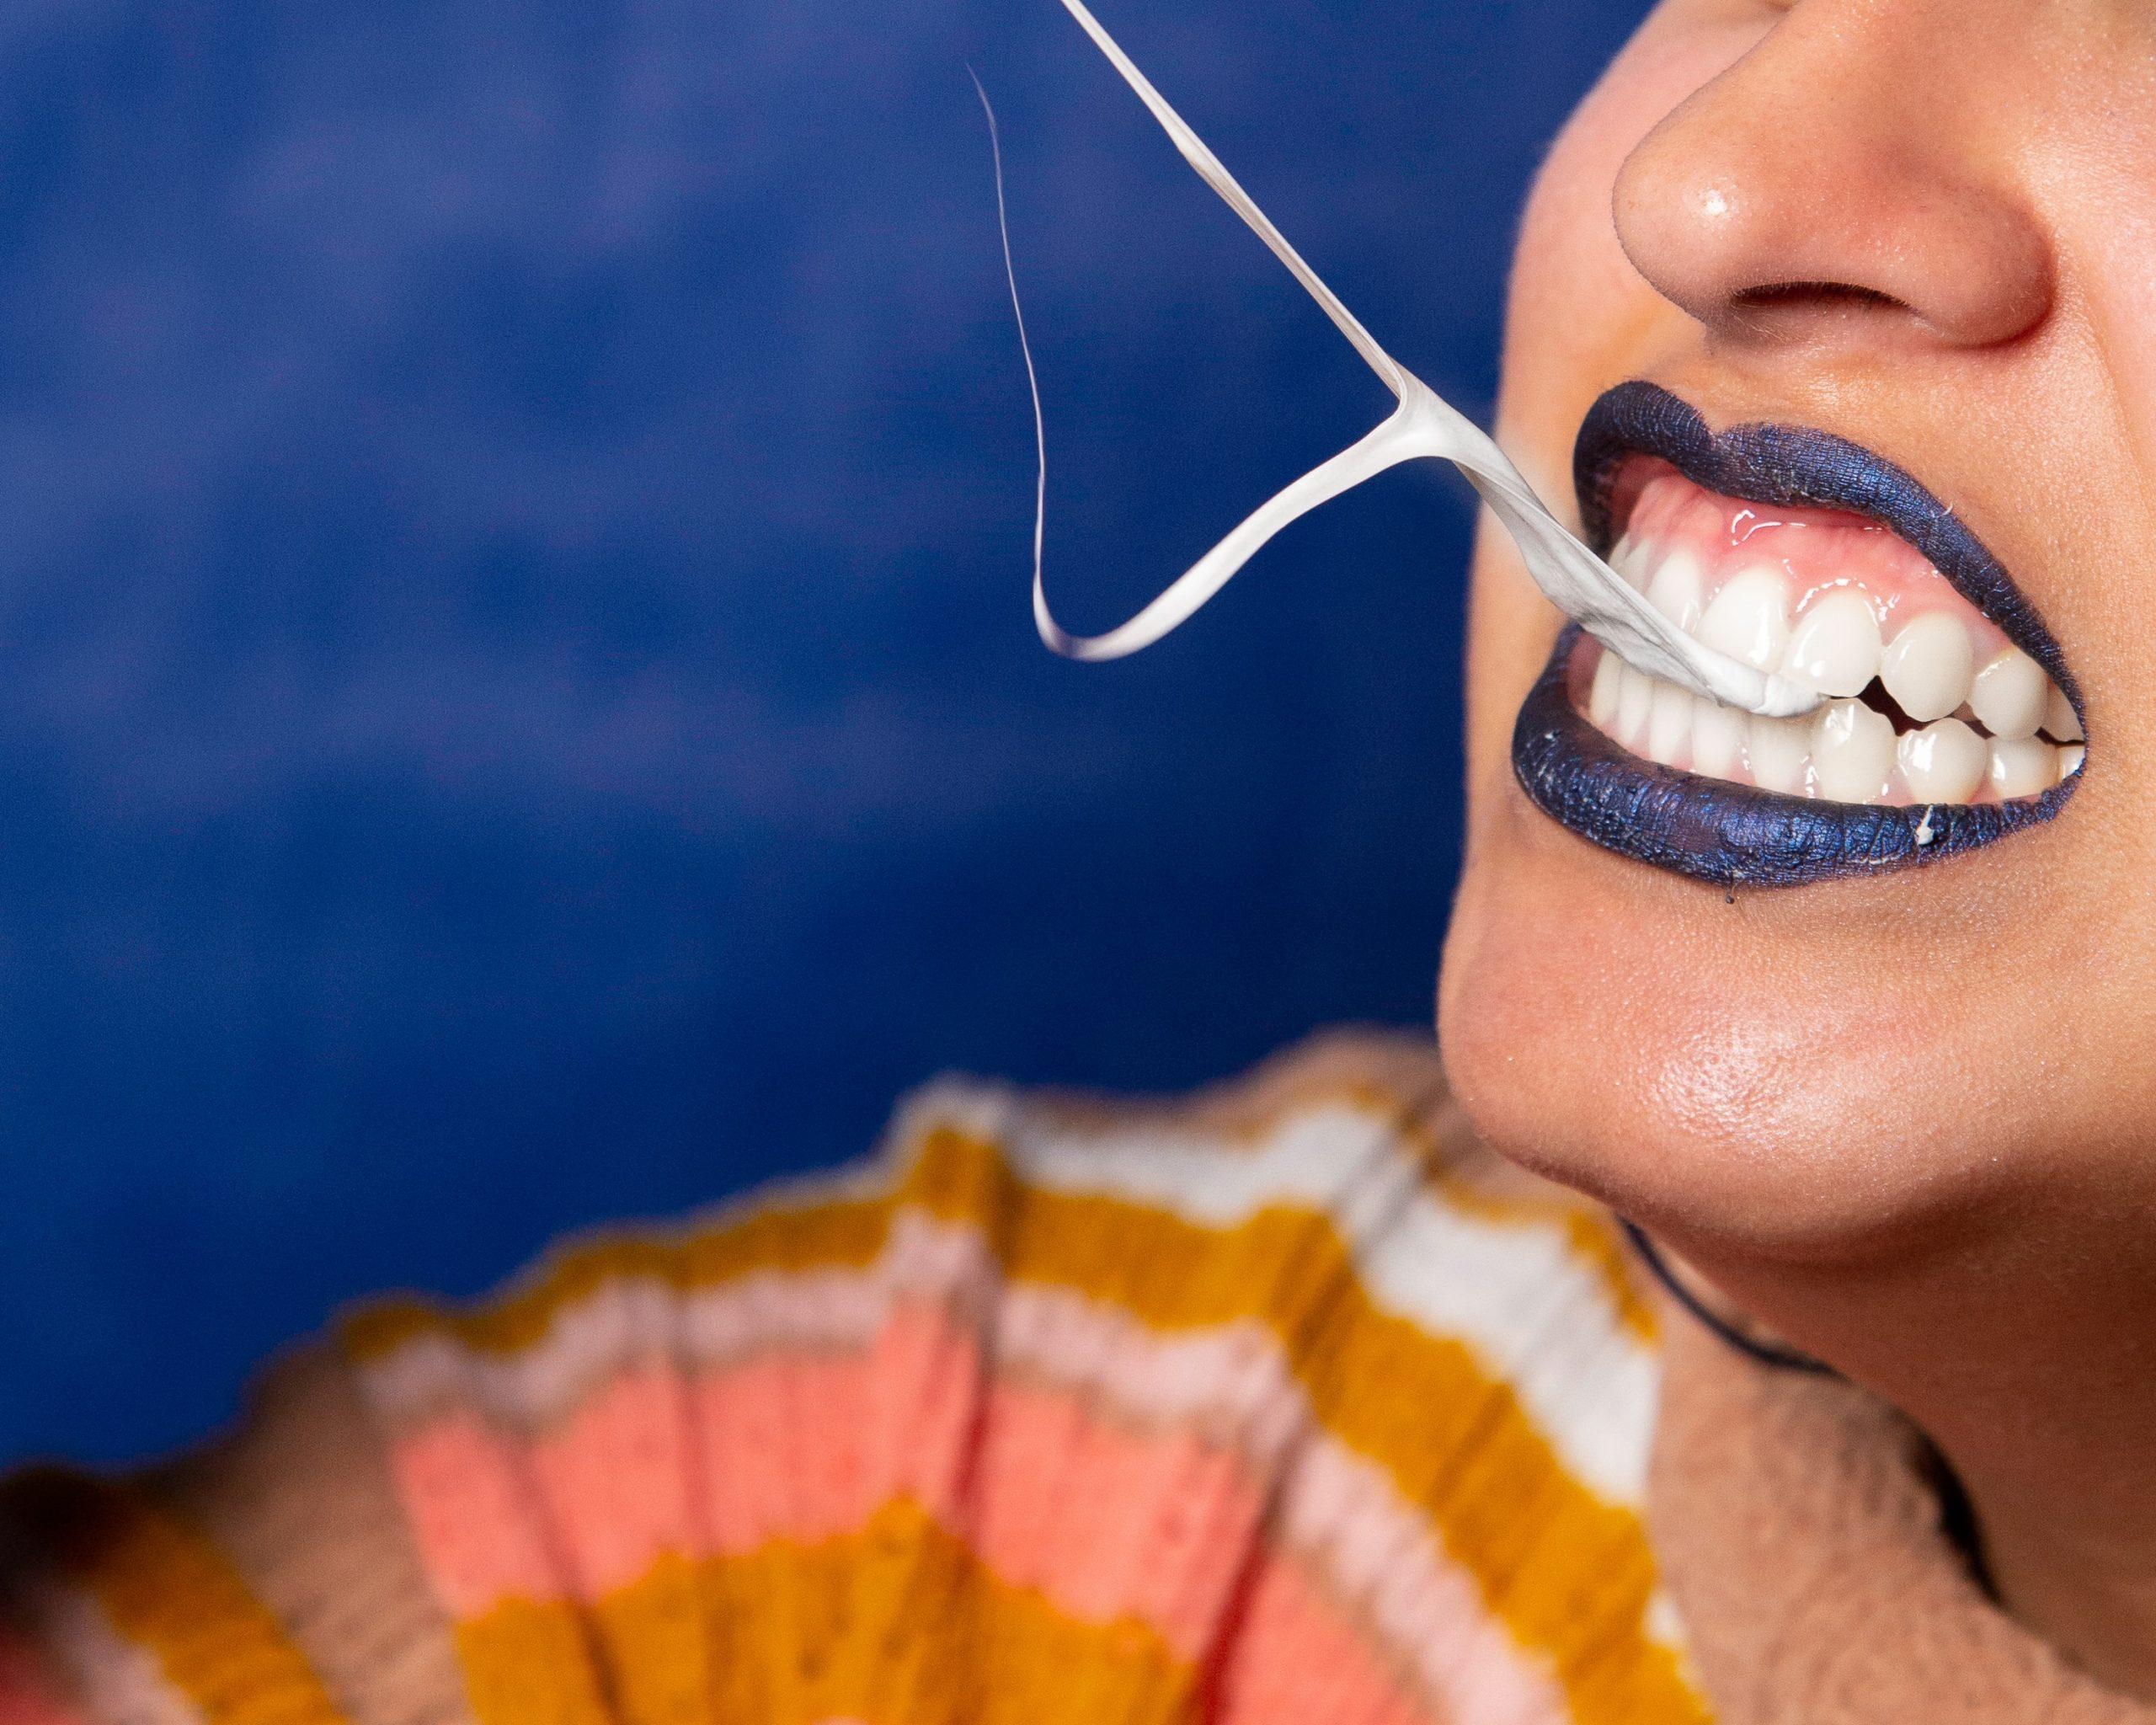 Teeth Whitening Wrong